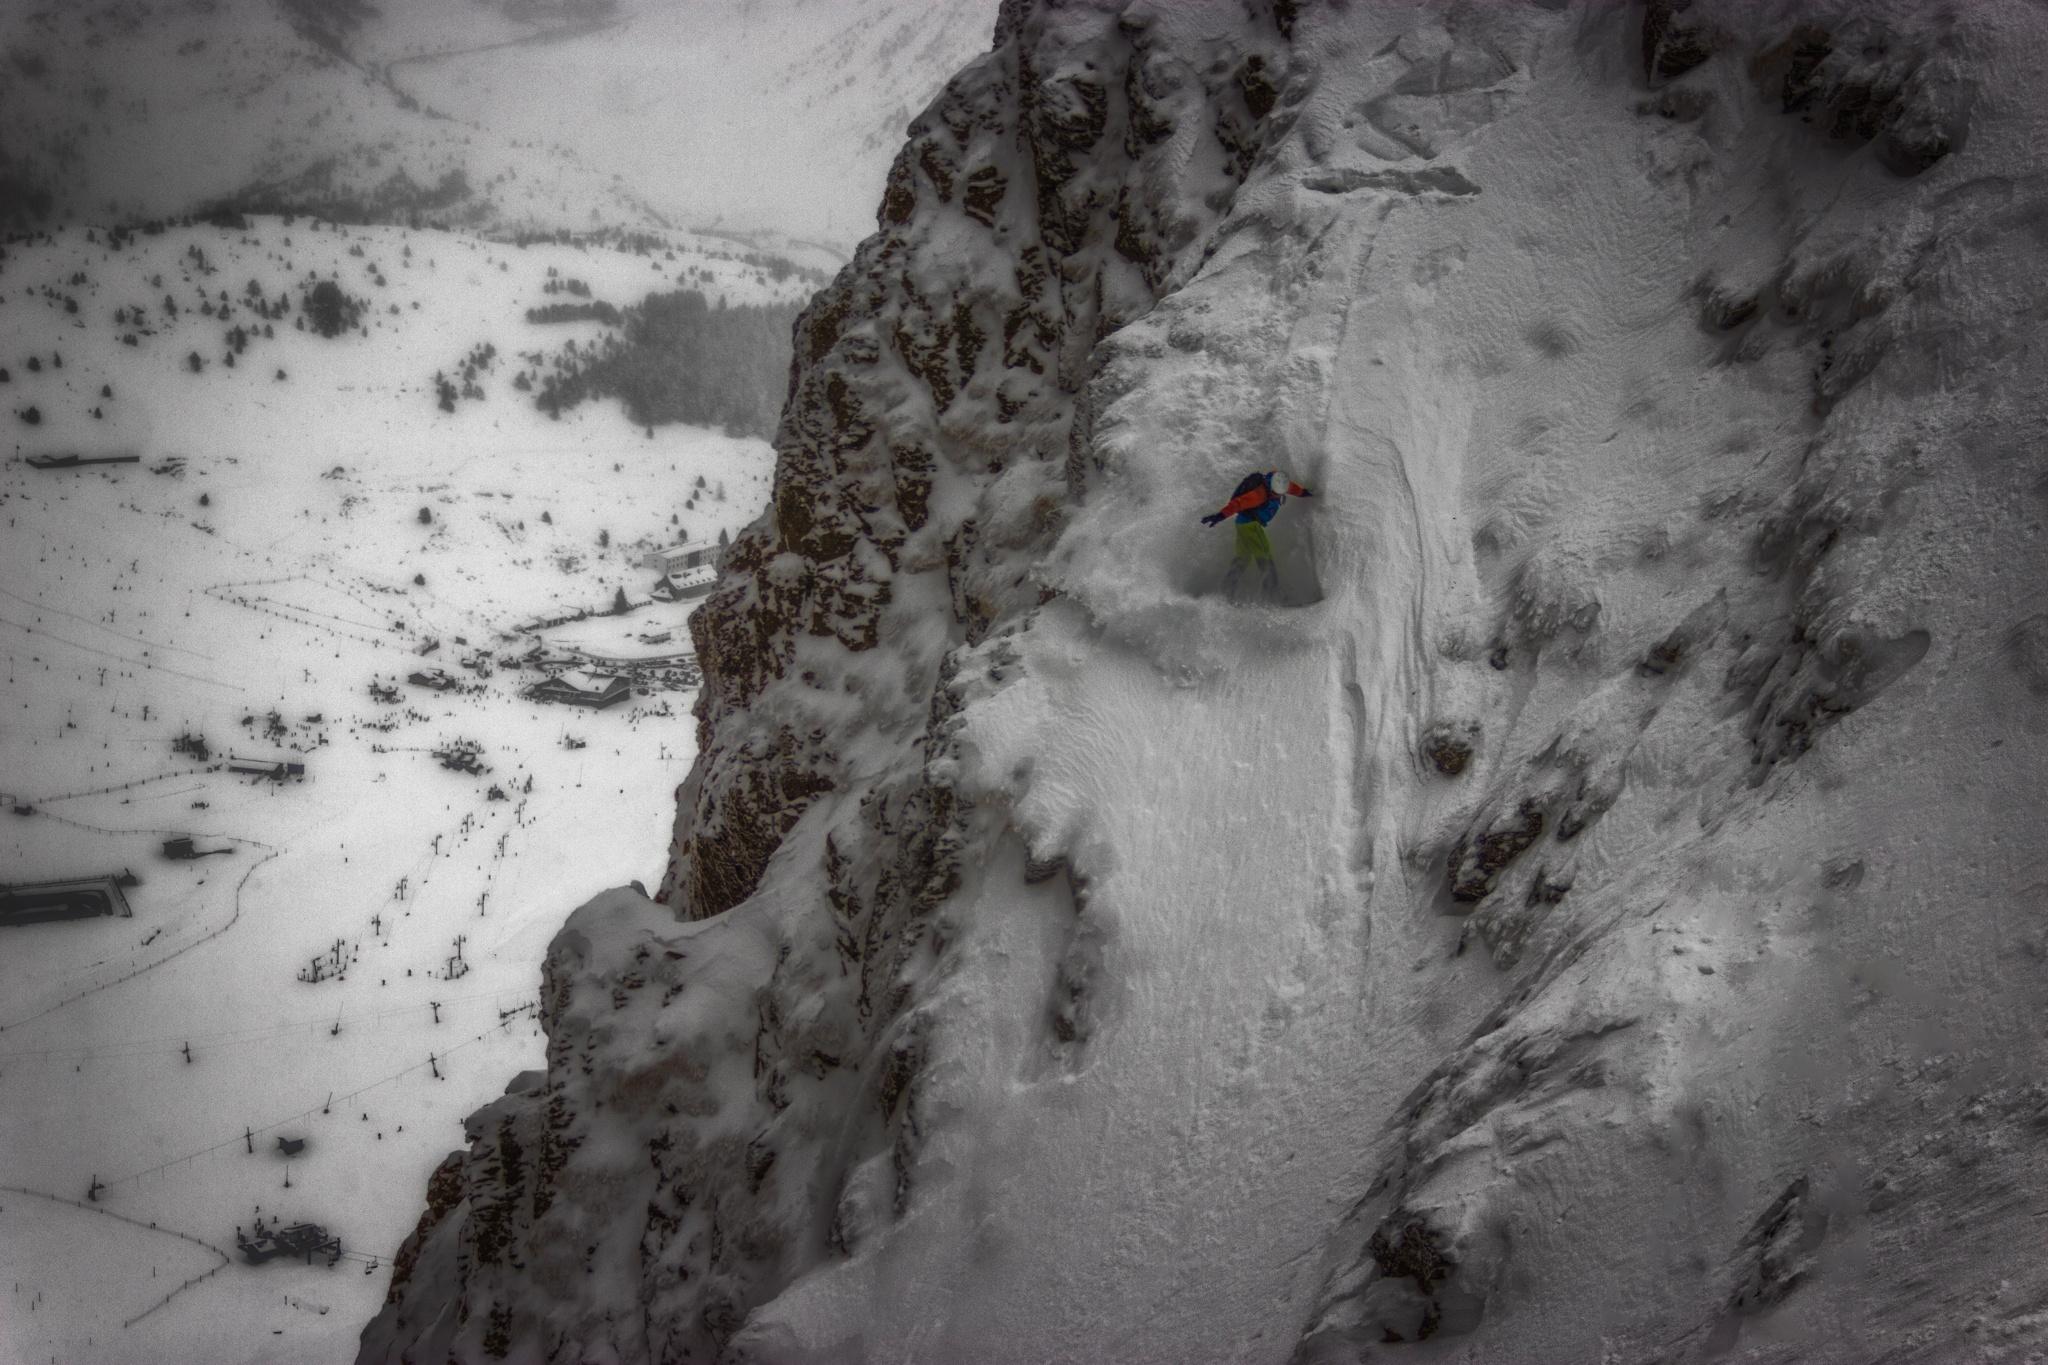 Tubo de la Zapatilla variante, Ekaitz Isasi - Ski & Snowboard - Fotos del Valle del Aragón, Mikel Besga